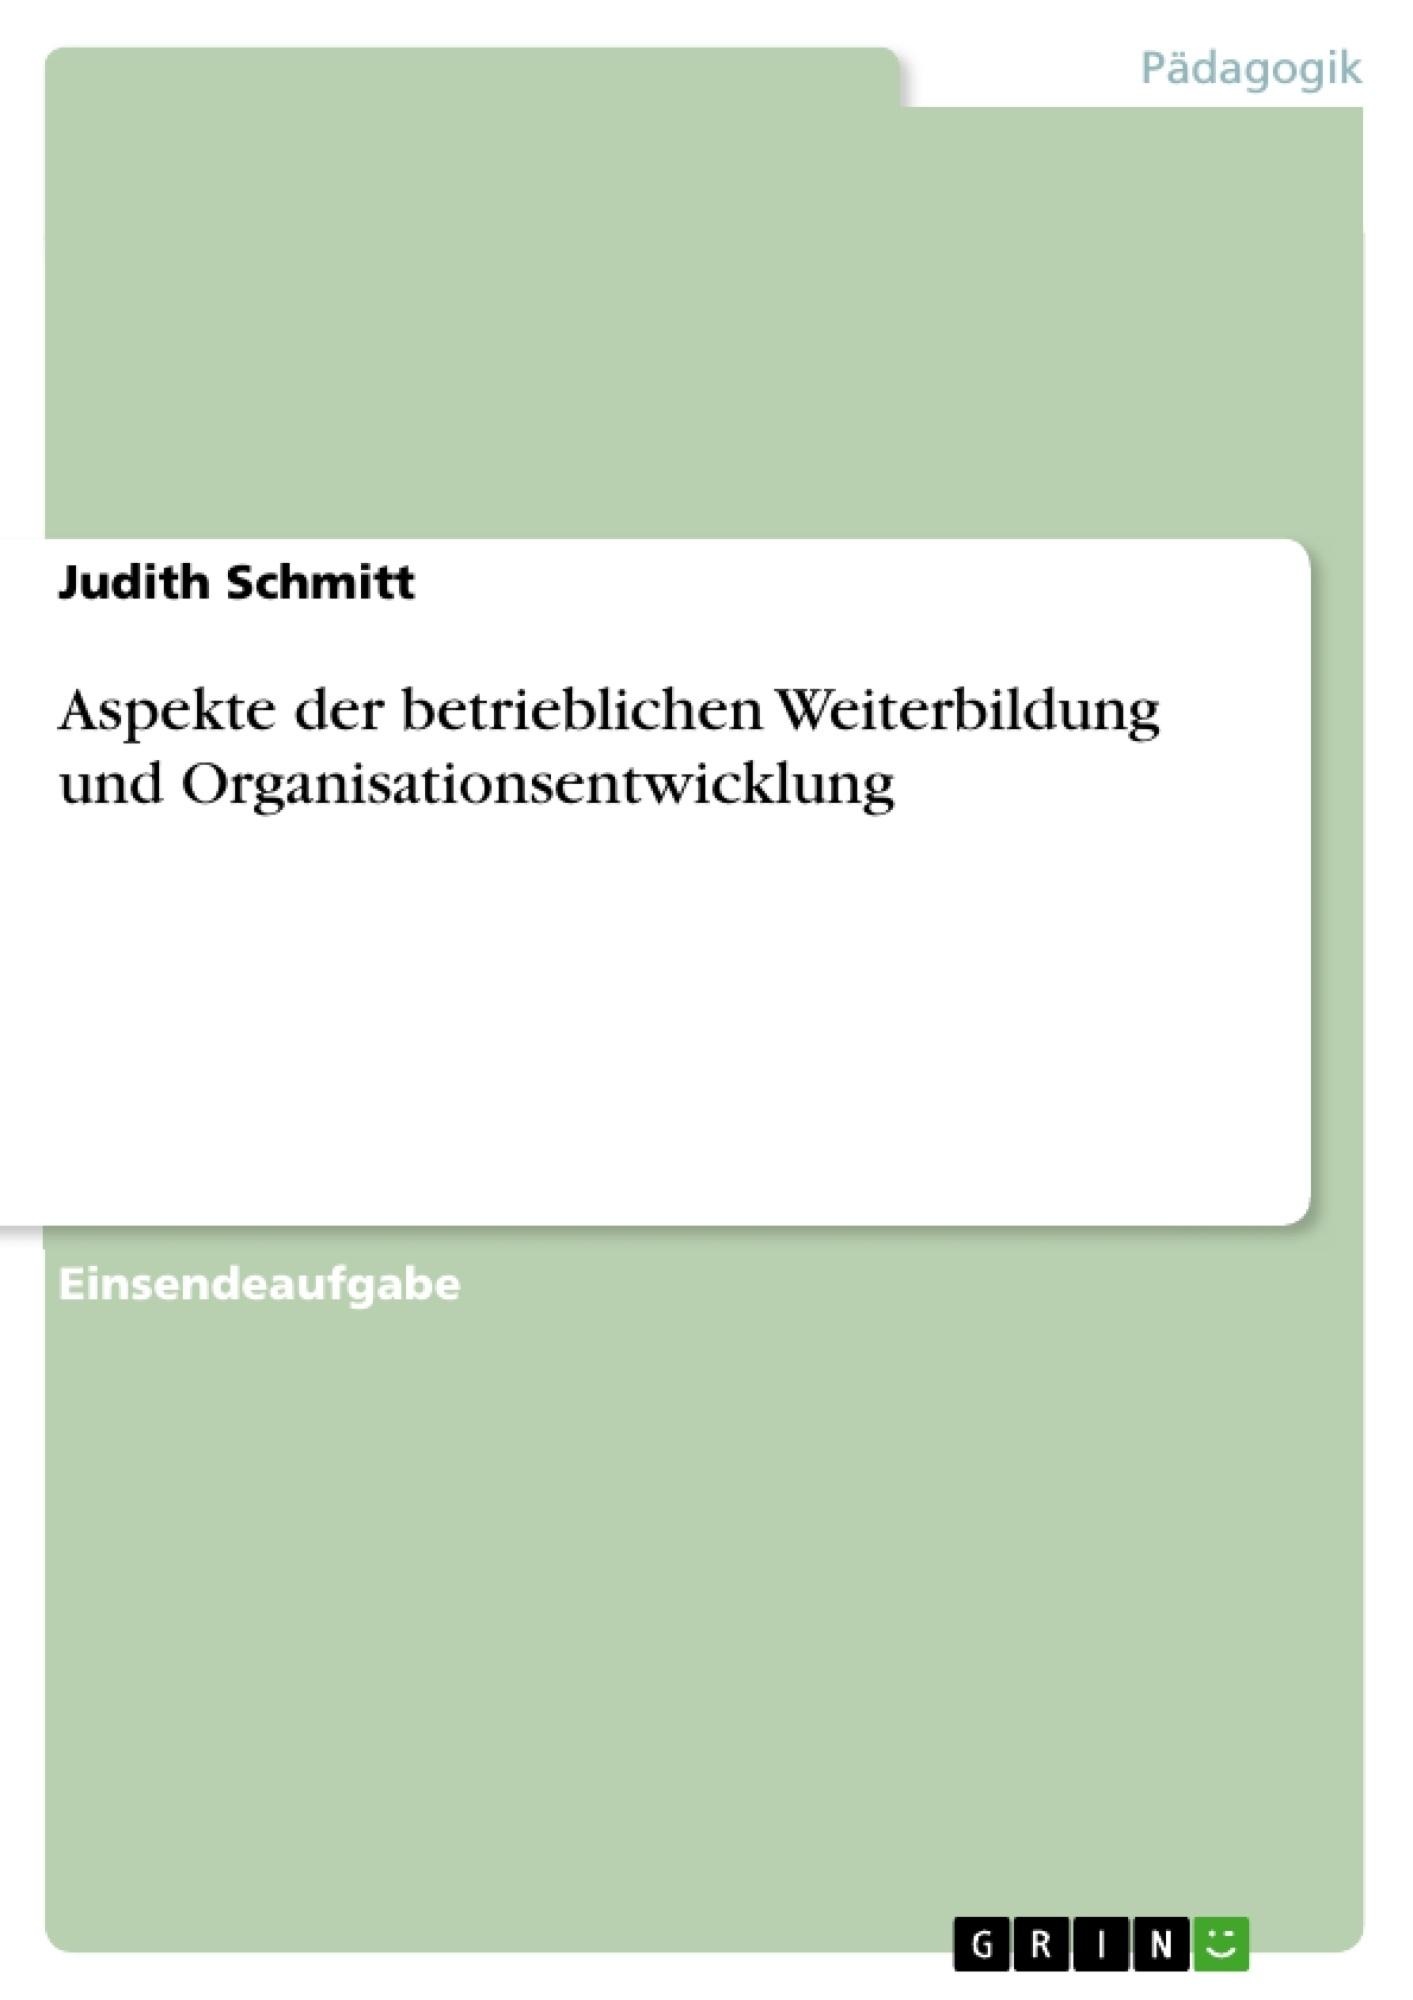 Titel: Aspekte der betrieblichen Weiterbildung und Organisationsentwicklung